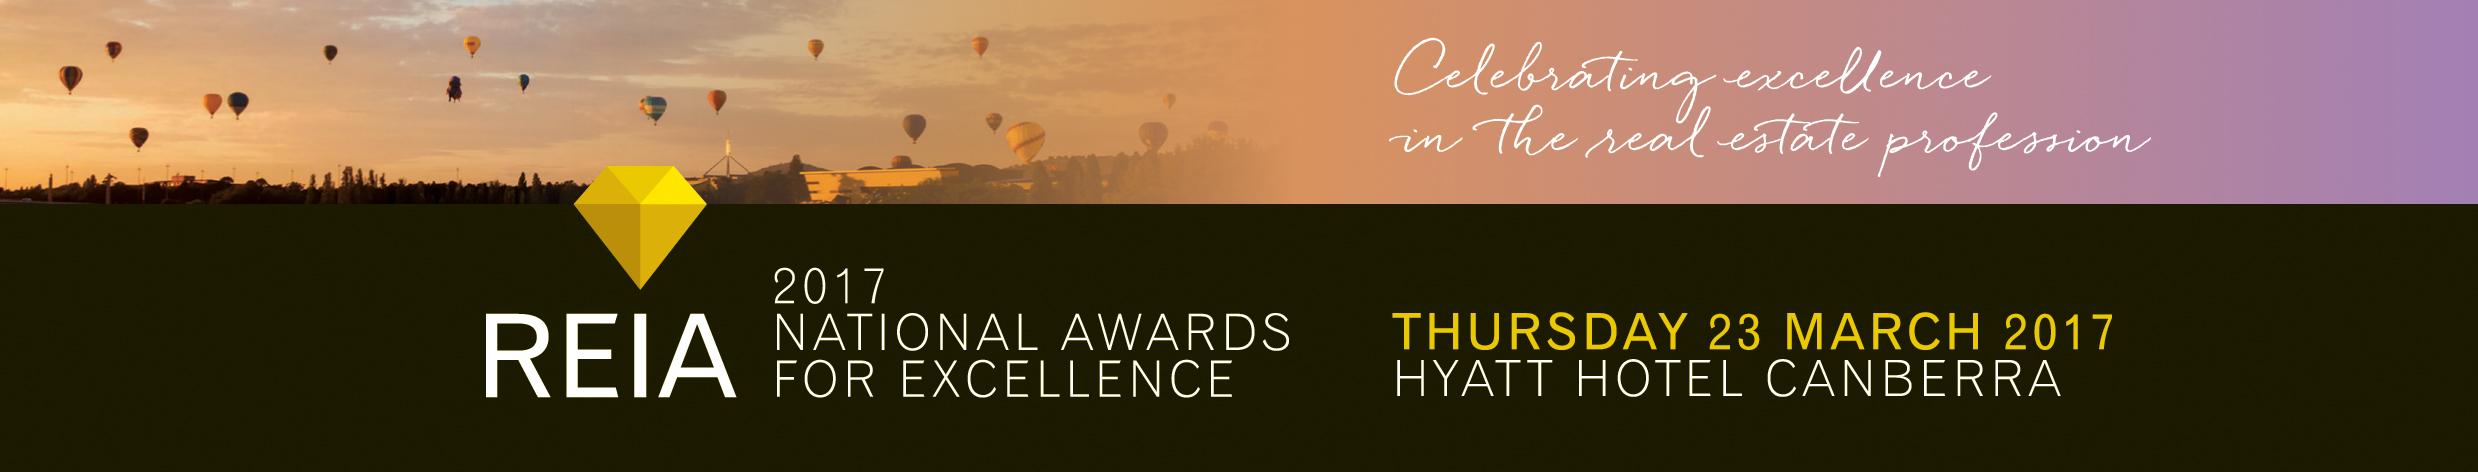 REIA_Awards17_banner300